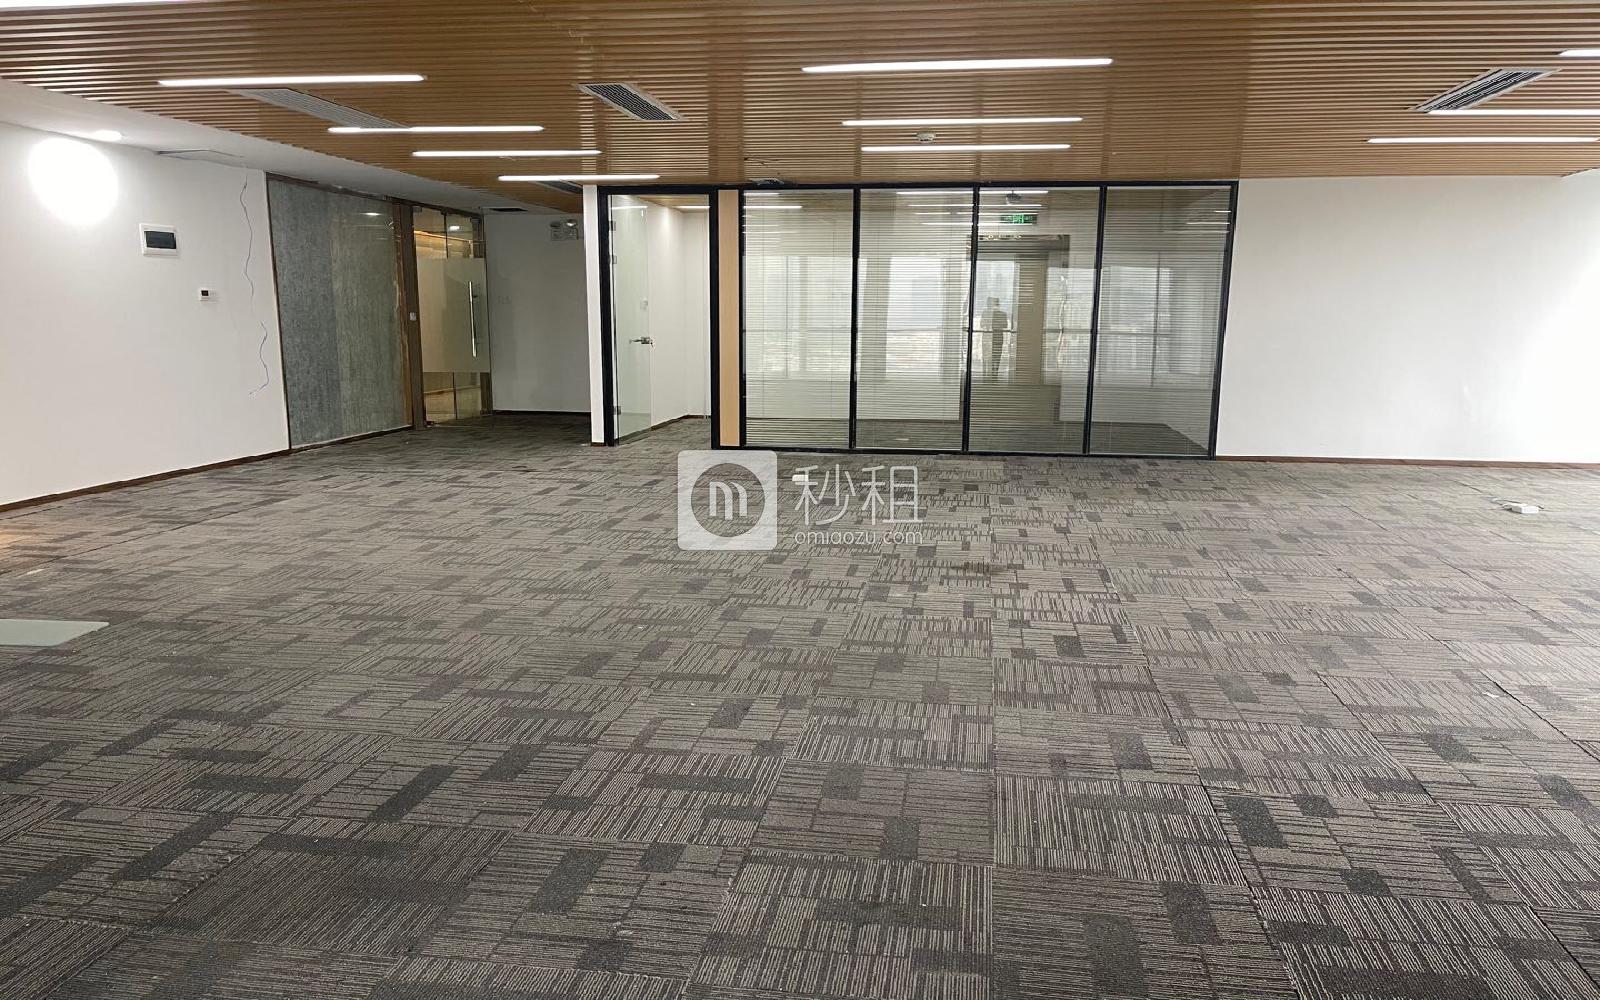 南山-科技园 尚美科技大厦 335m²